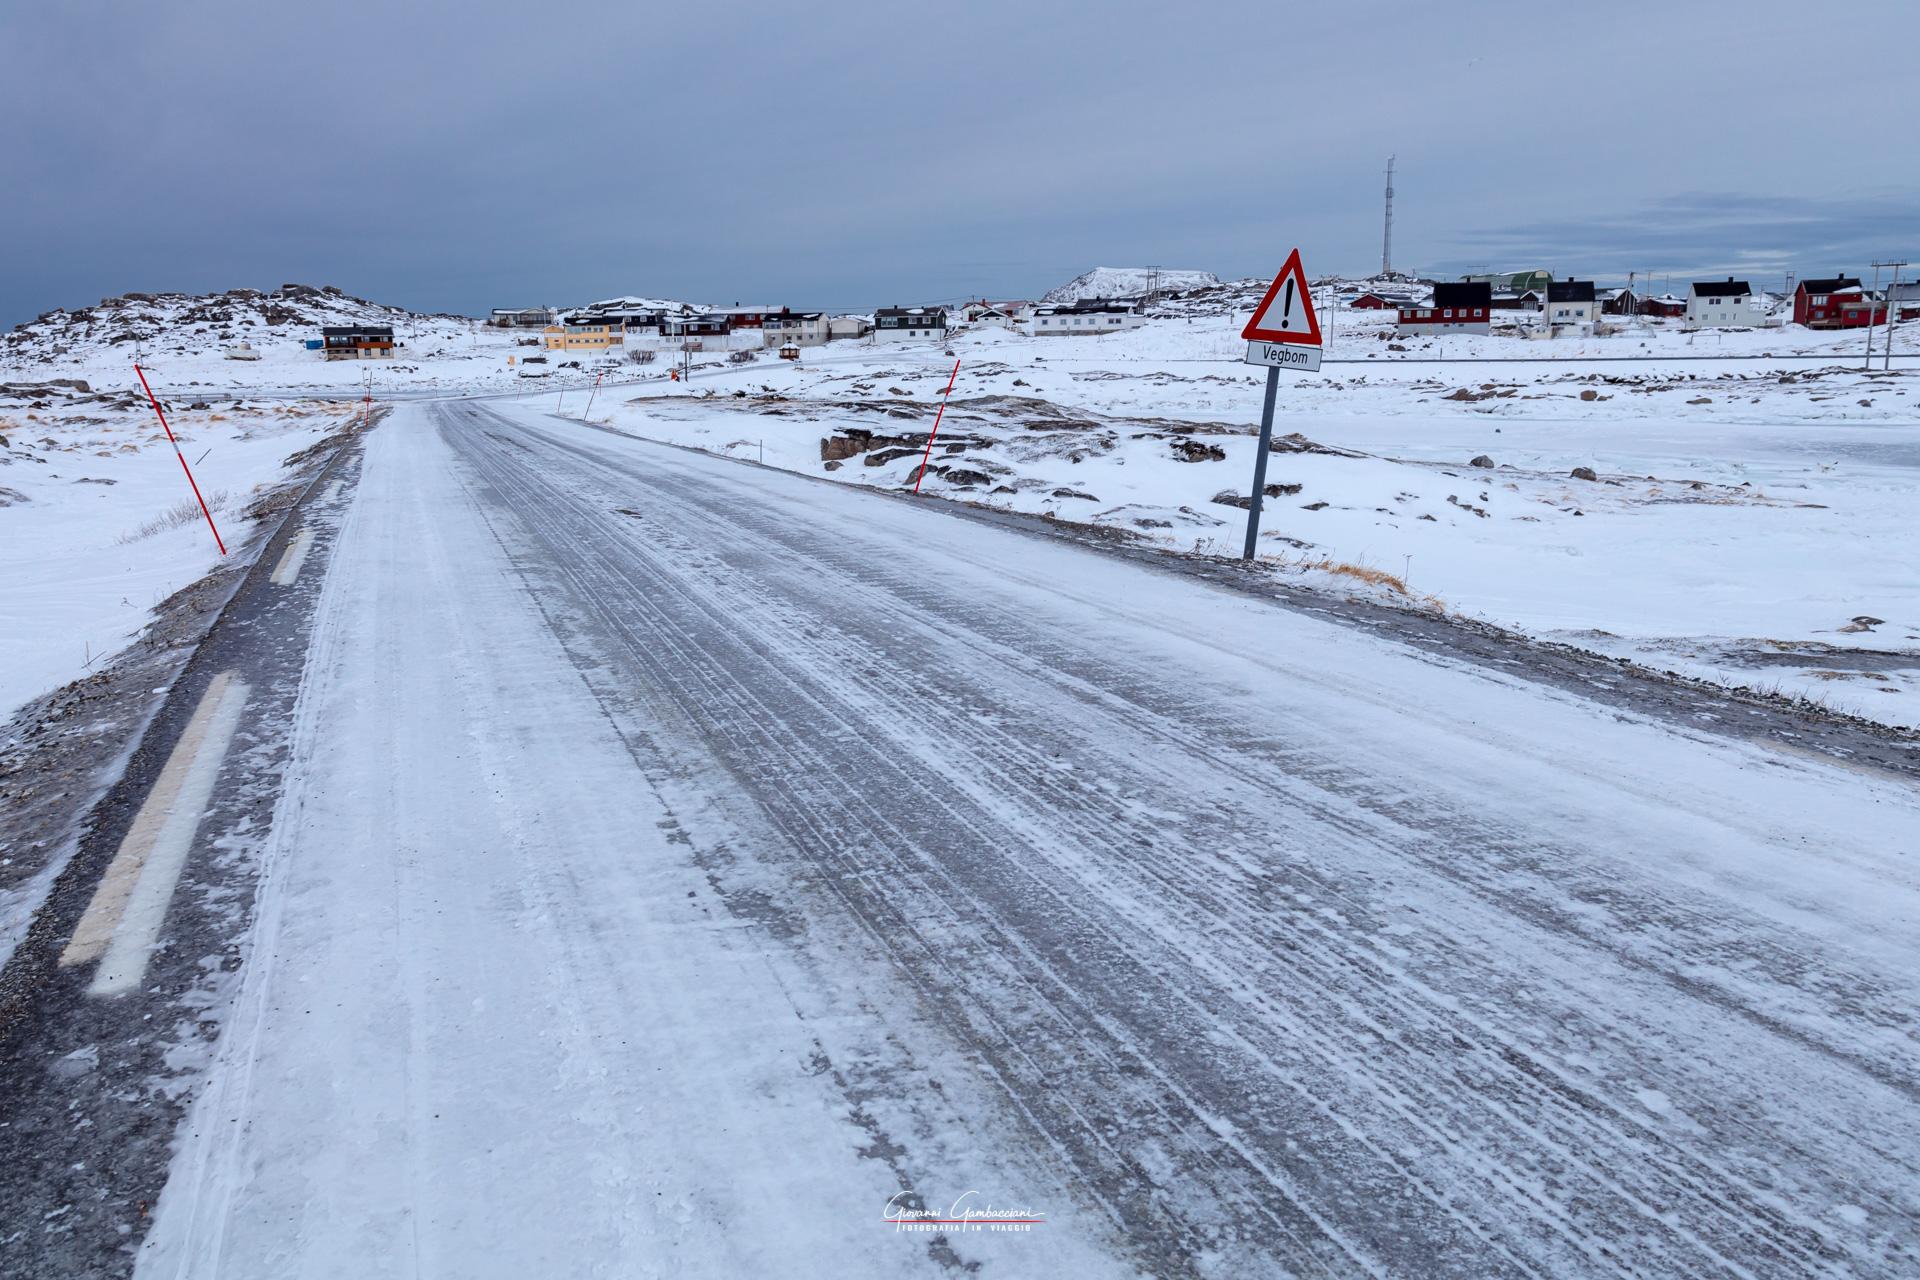 2019-02-14_Gambacciani-Lapponia-Norvegia-Finnmark-Viaggio-Febbraio-2019_0034_264A9022